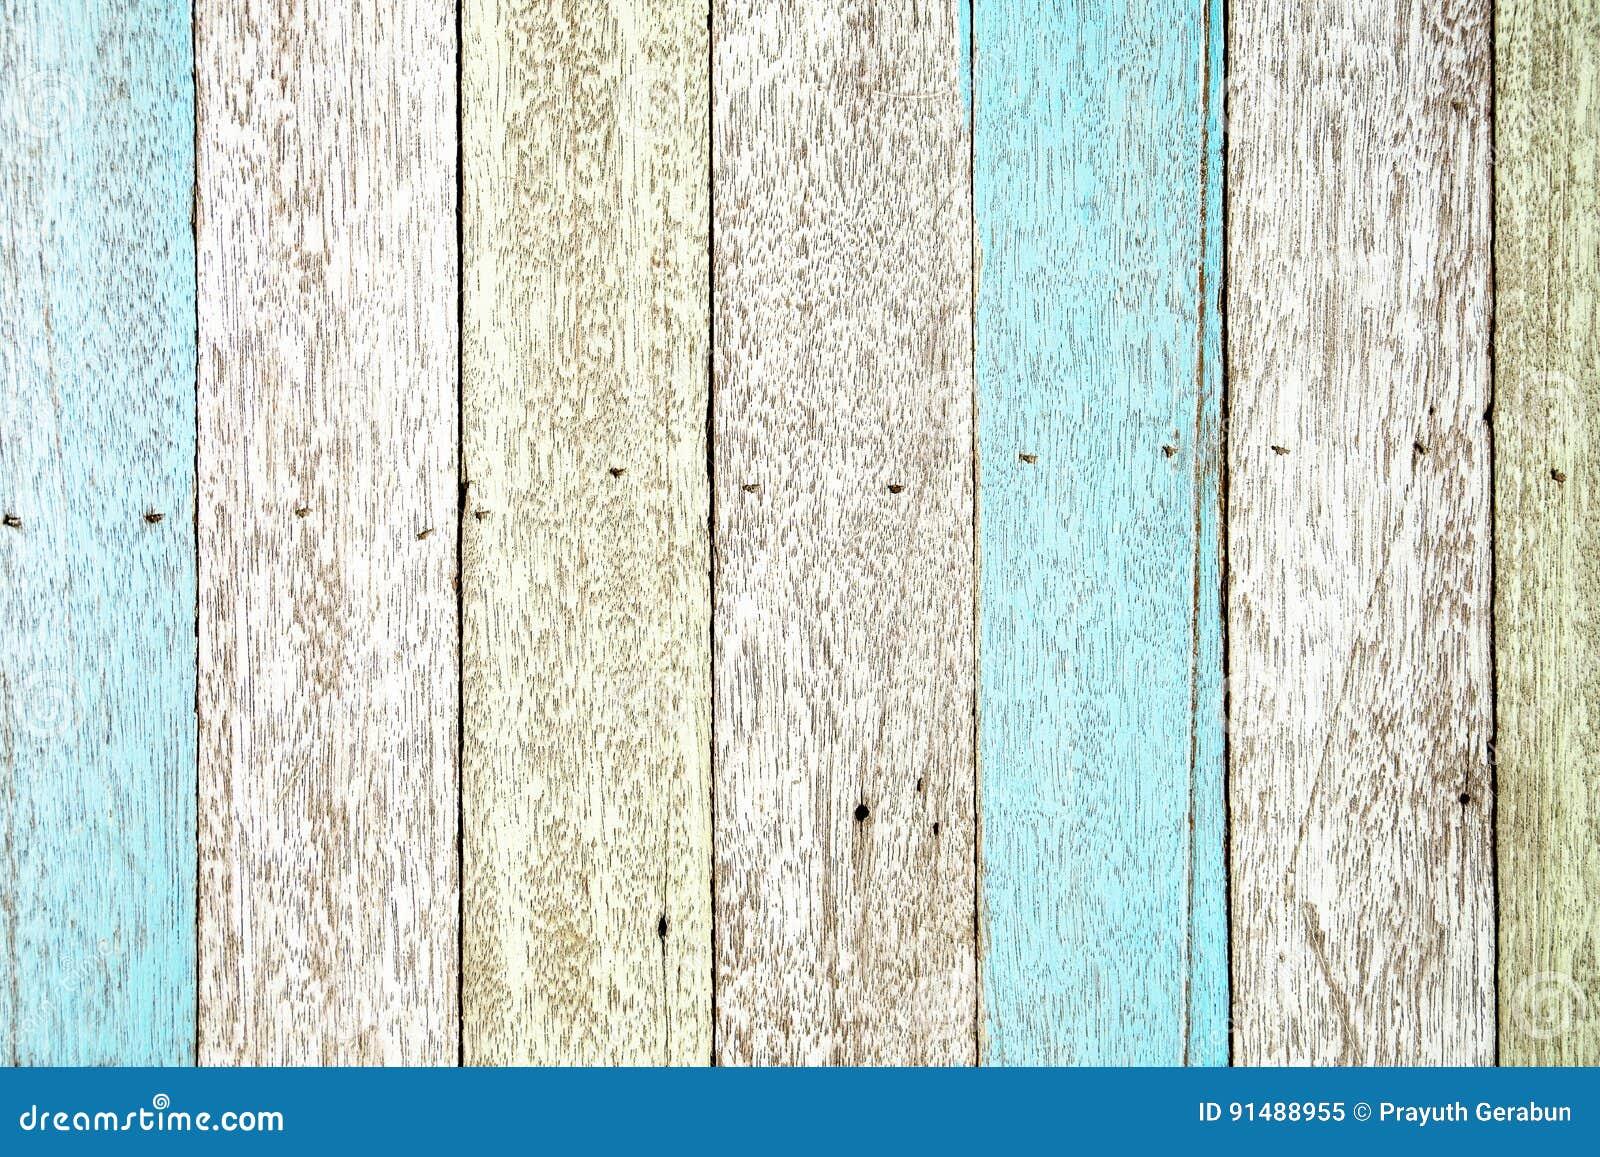 Texturas De Colores Pastel: Fondo De Madera En Colores Pastel De La Textura De Los